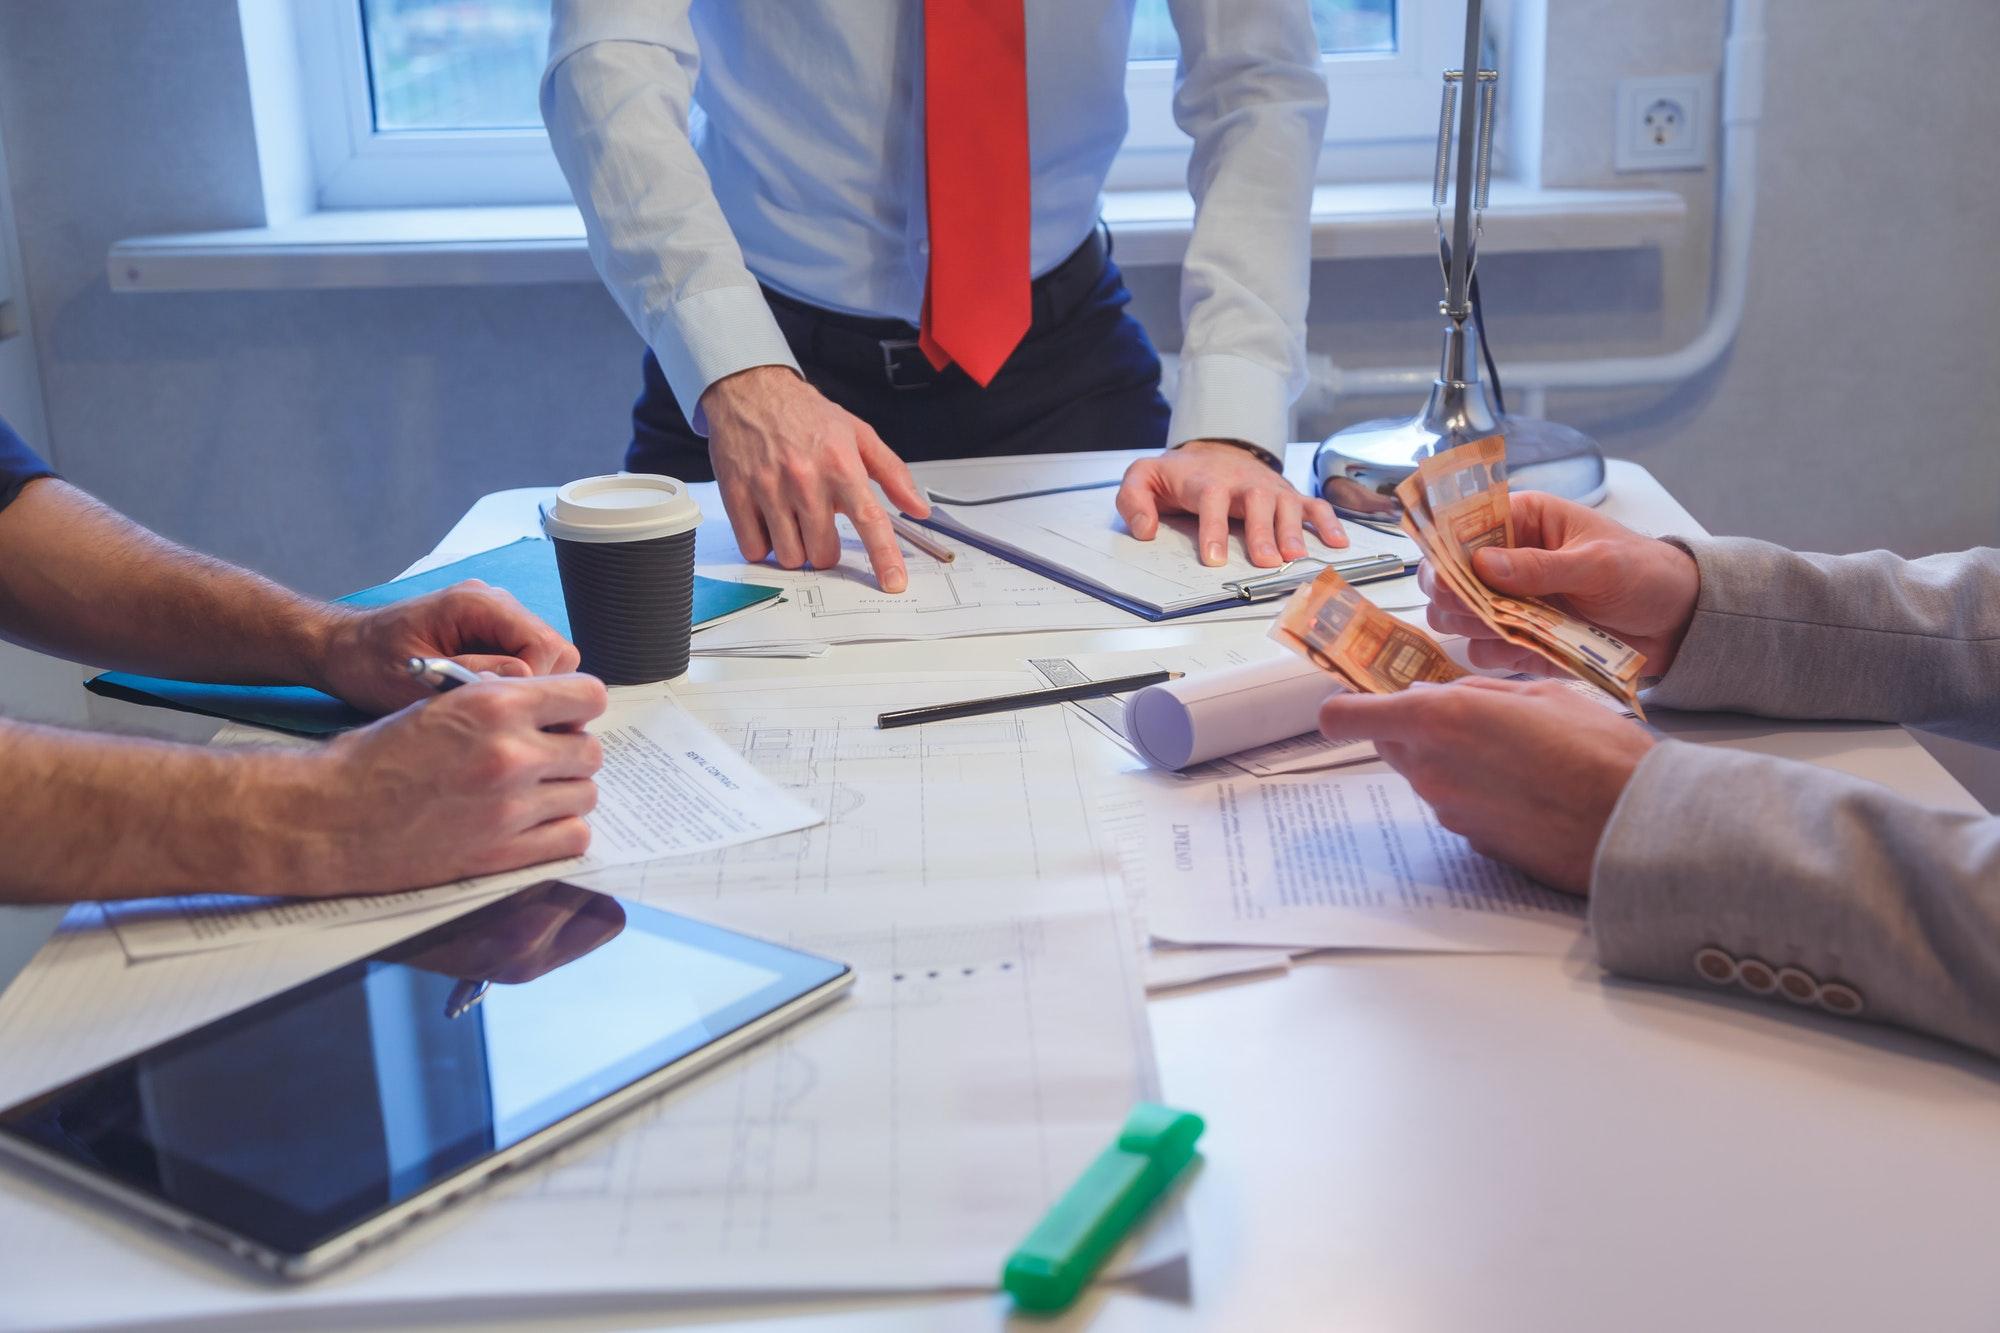 Szkolenia praktyczne w biznesie